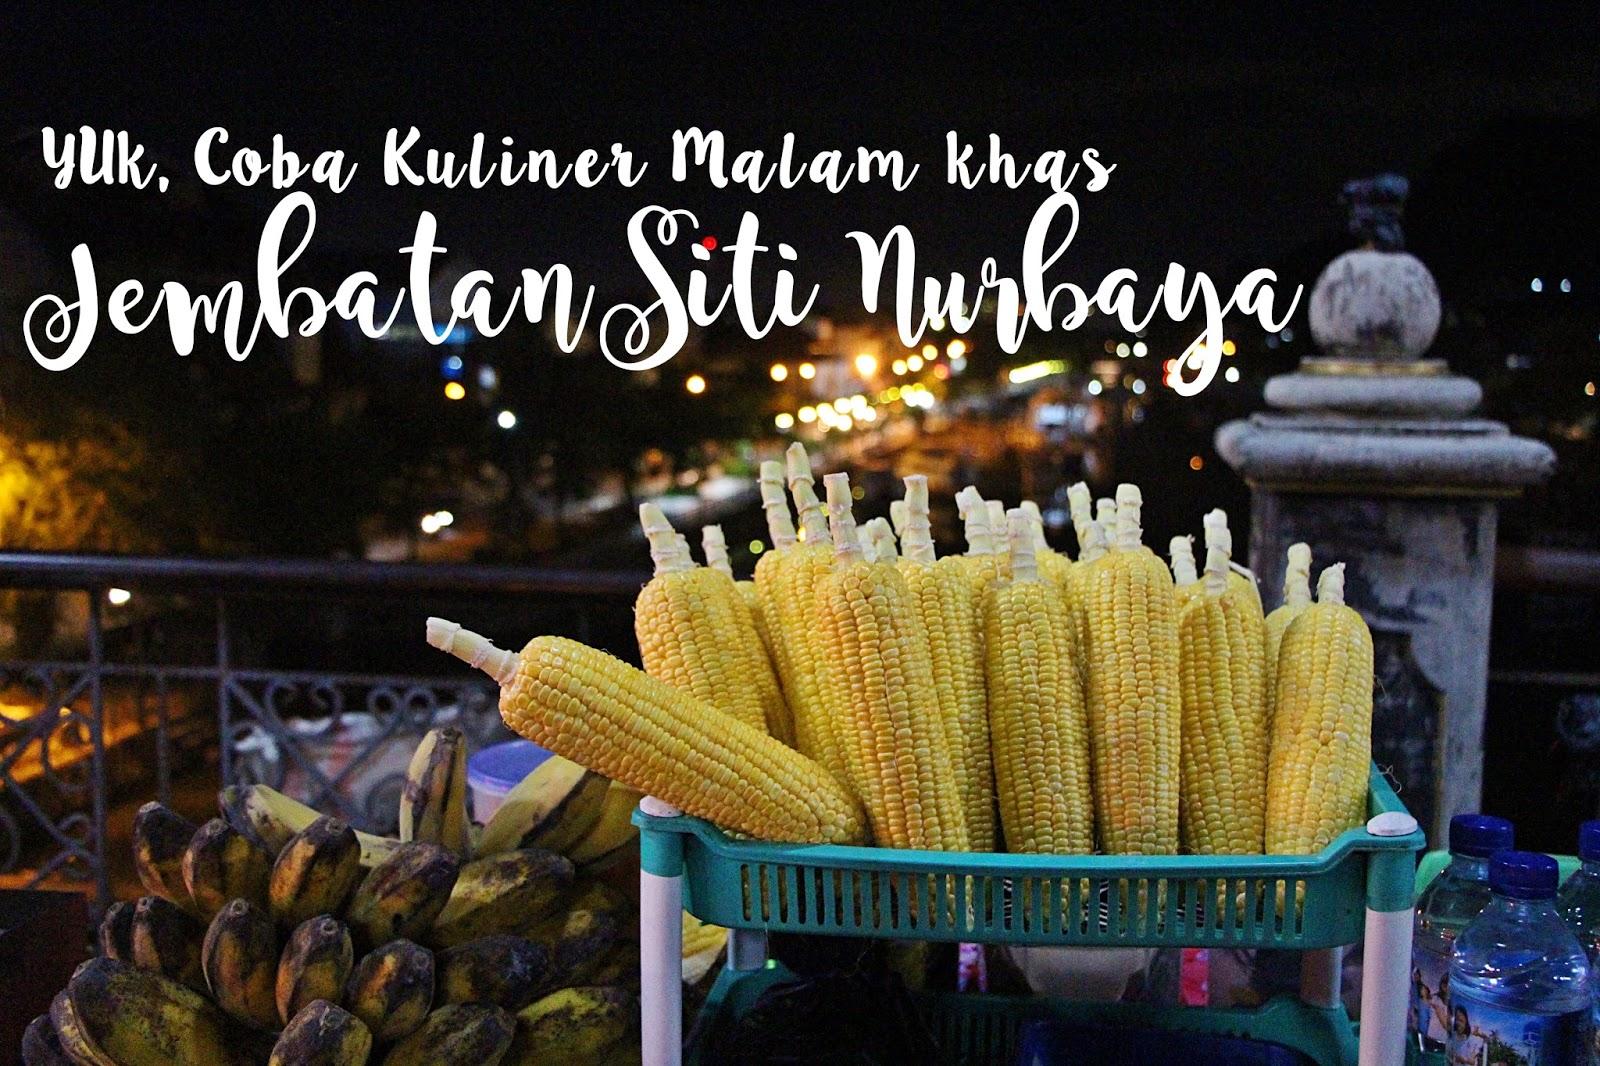 Jelajah Nagari Awak Yuk Coba Kuliner Malam Khas Jembatan Siti